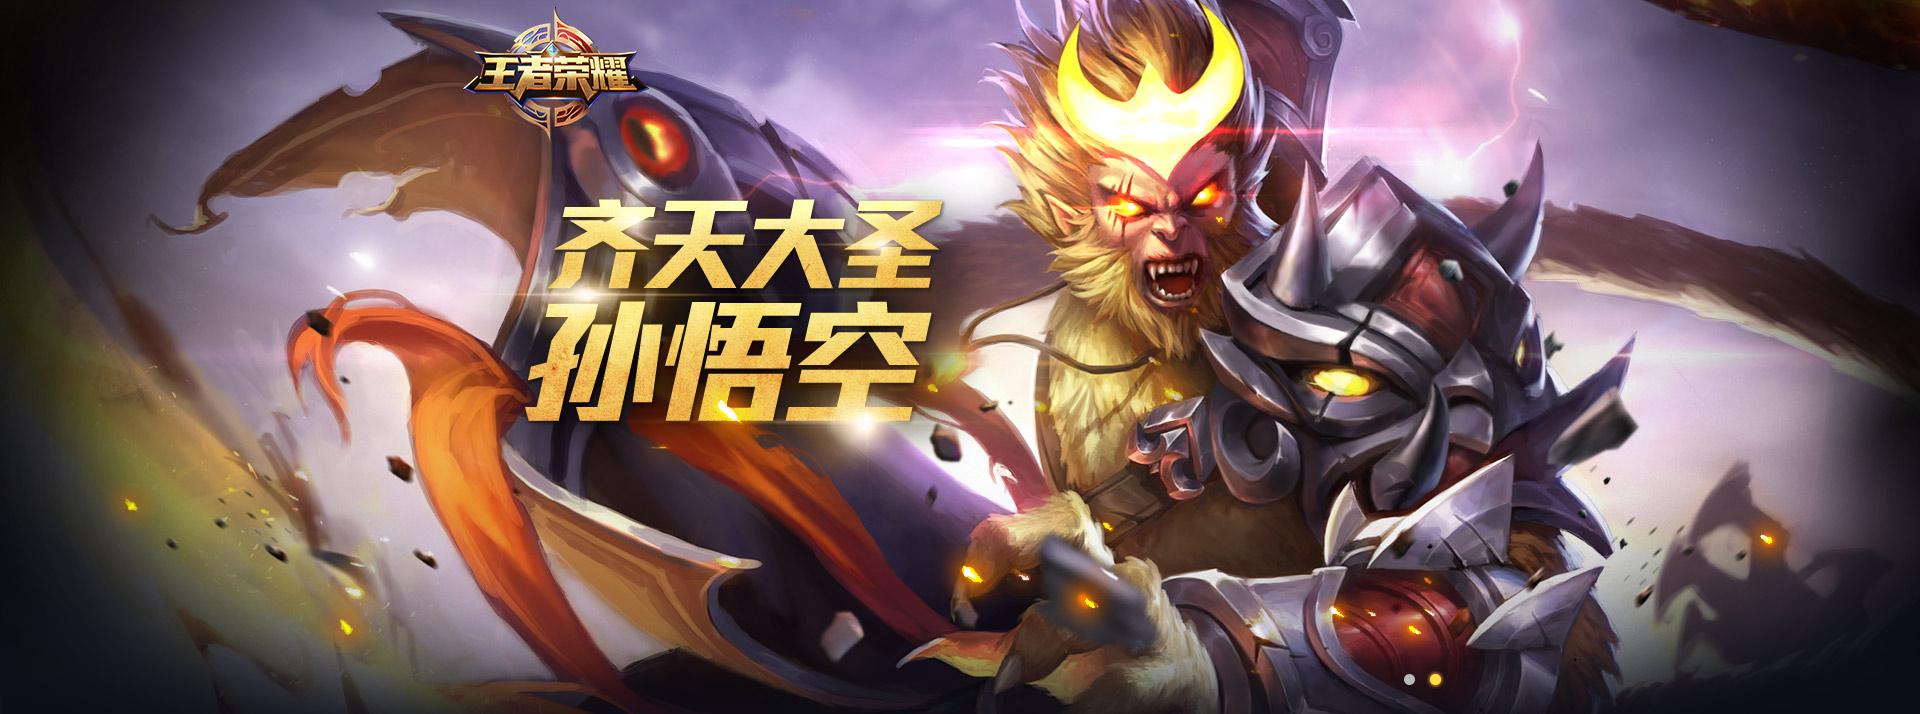 第2弹《王者荣耀英雄皮肤CG》竞技游戏93